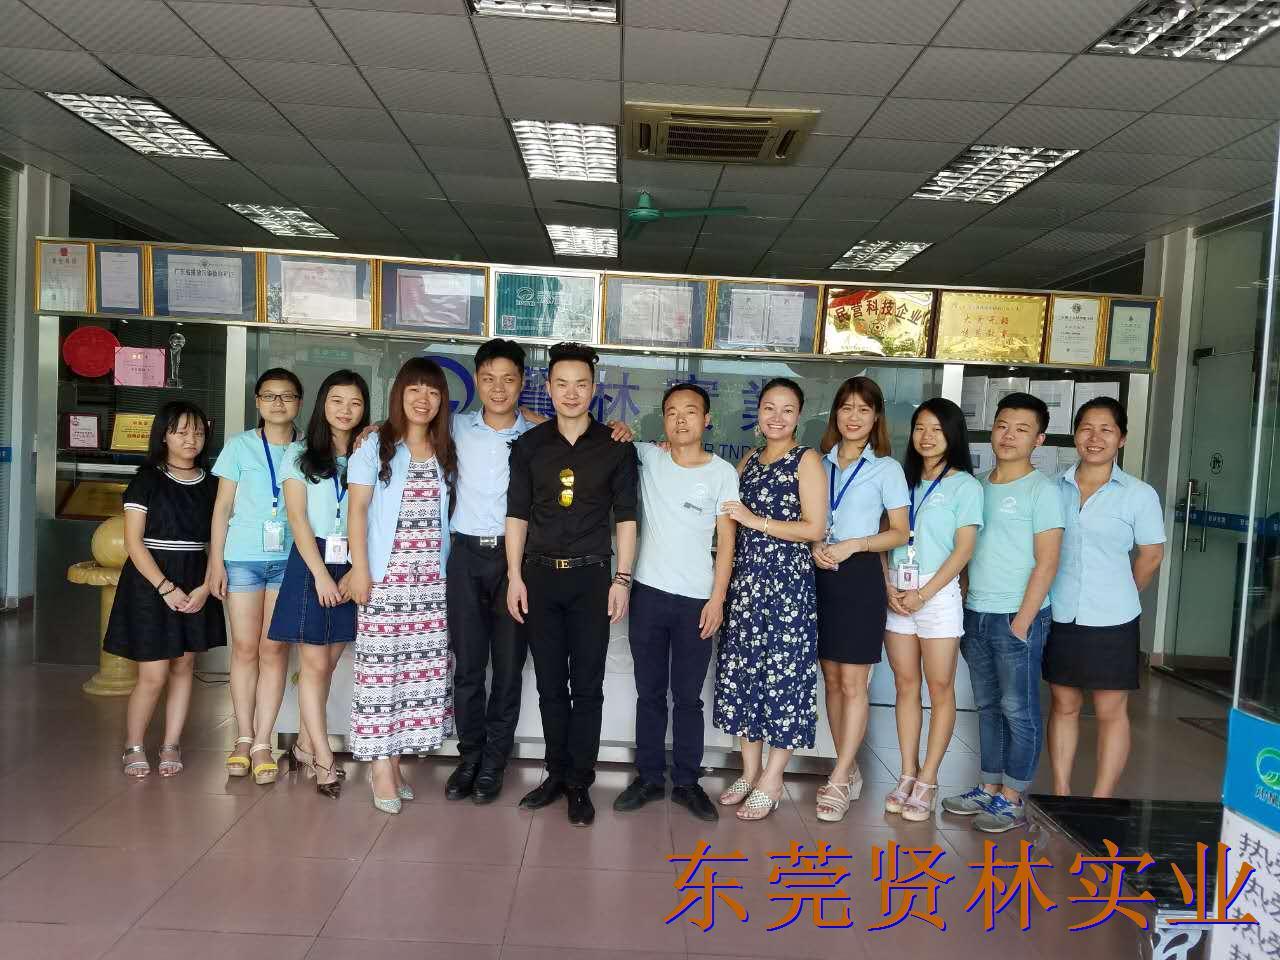 欢迎著名歌手刘凯歌莅临贤林公司为他的爱家和花园选购花园类产品